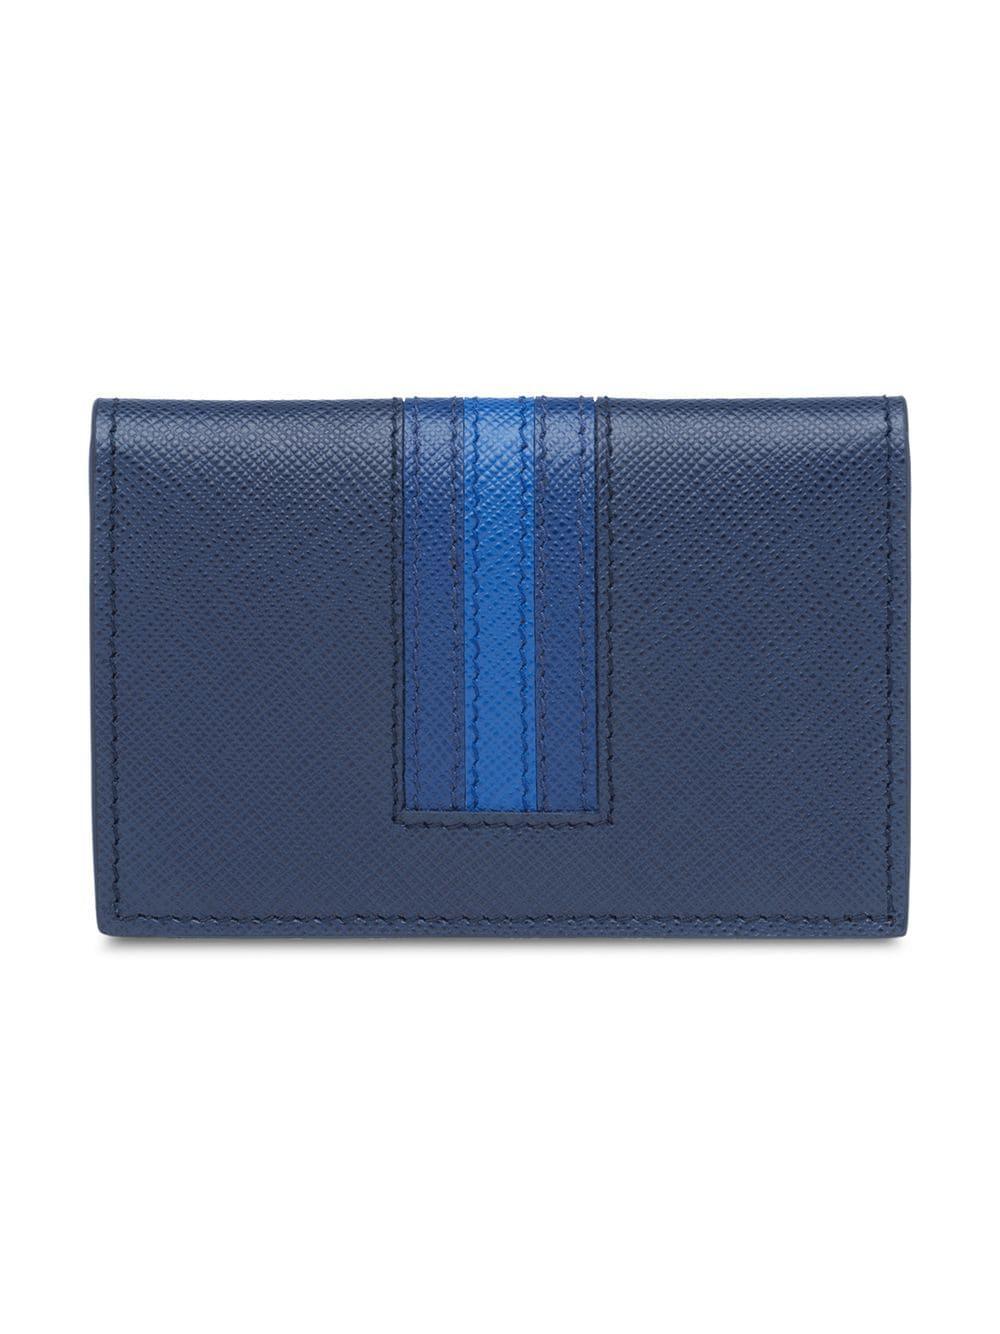 54db91f3ecb6 Prada Saffiano Leather Card Holder in Blue for Men - Lyst